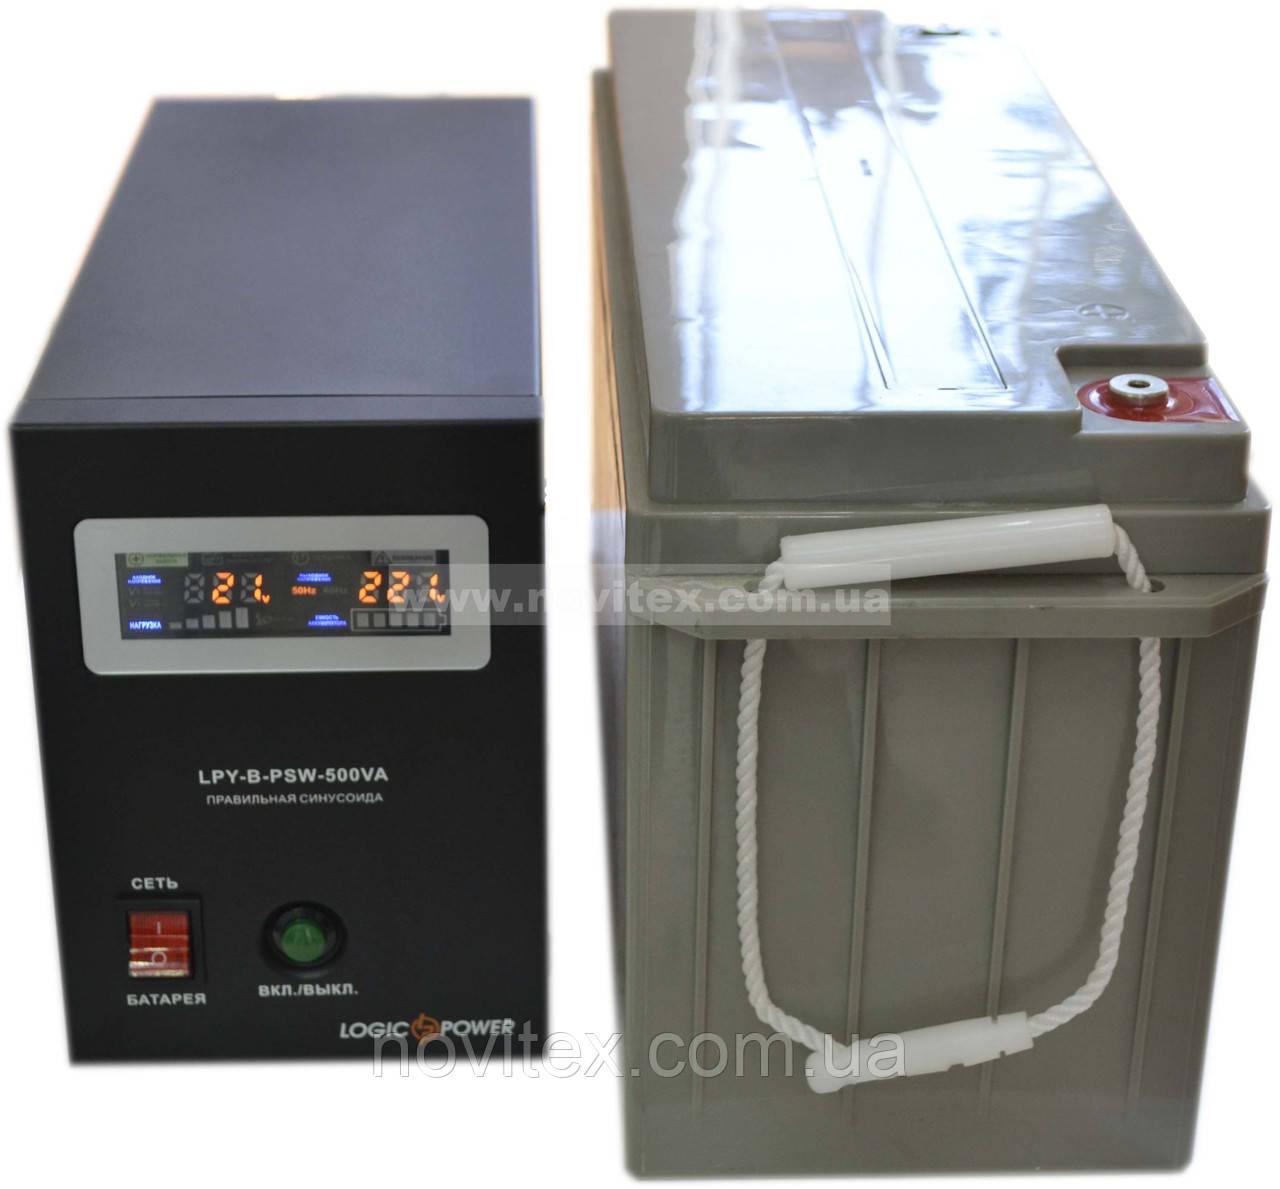 Комплект резервного питания ИБП Logicpower LPY-B-PSW-500 + АКБ LP-MG150